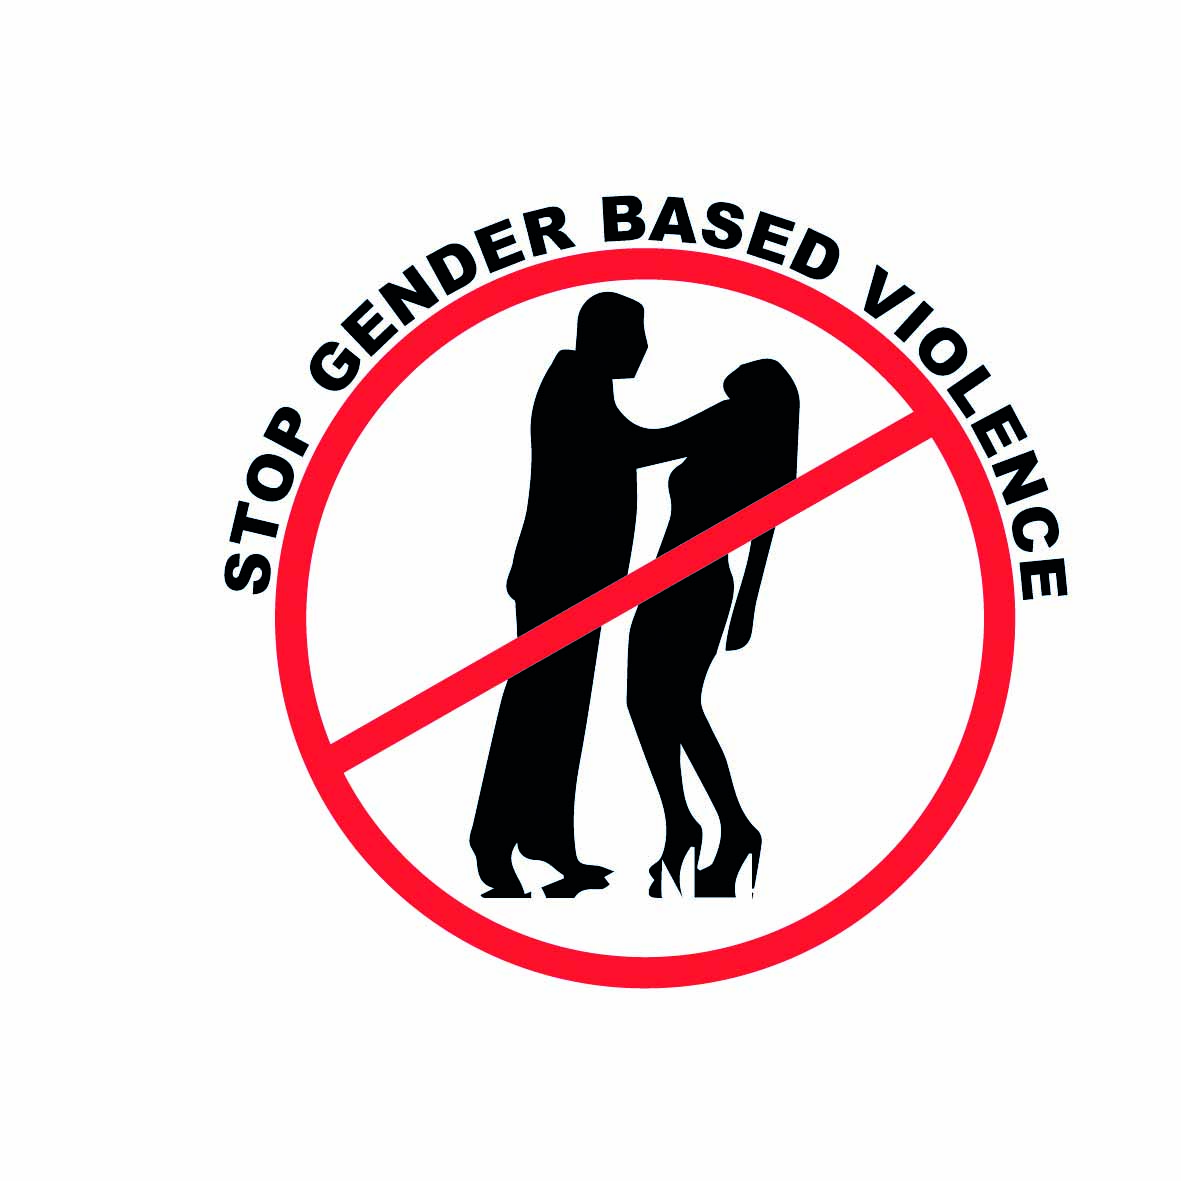 பாலின பேத வன்முறை ( Gender Based Violence  )